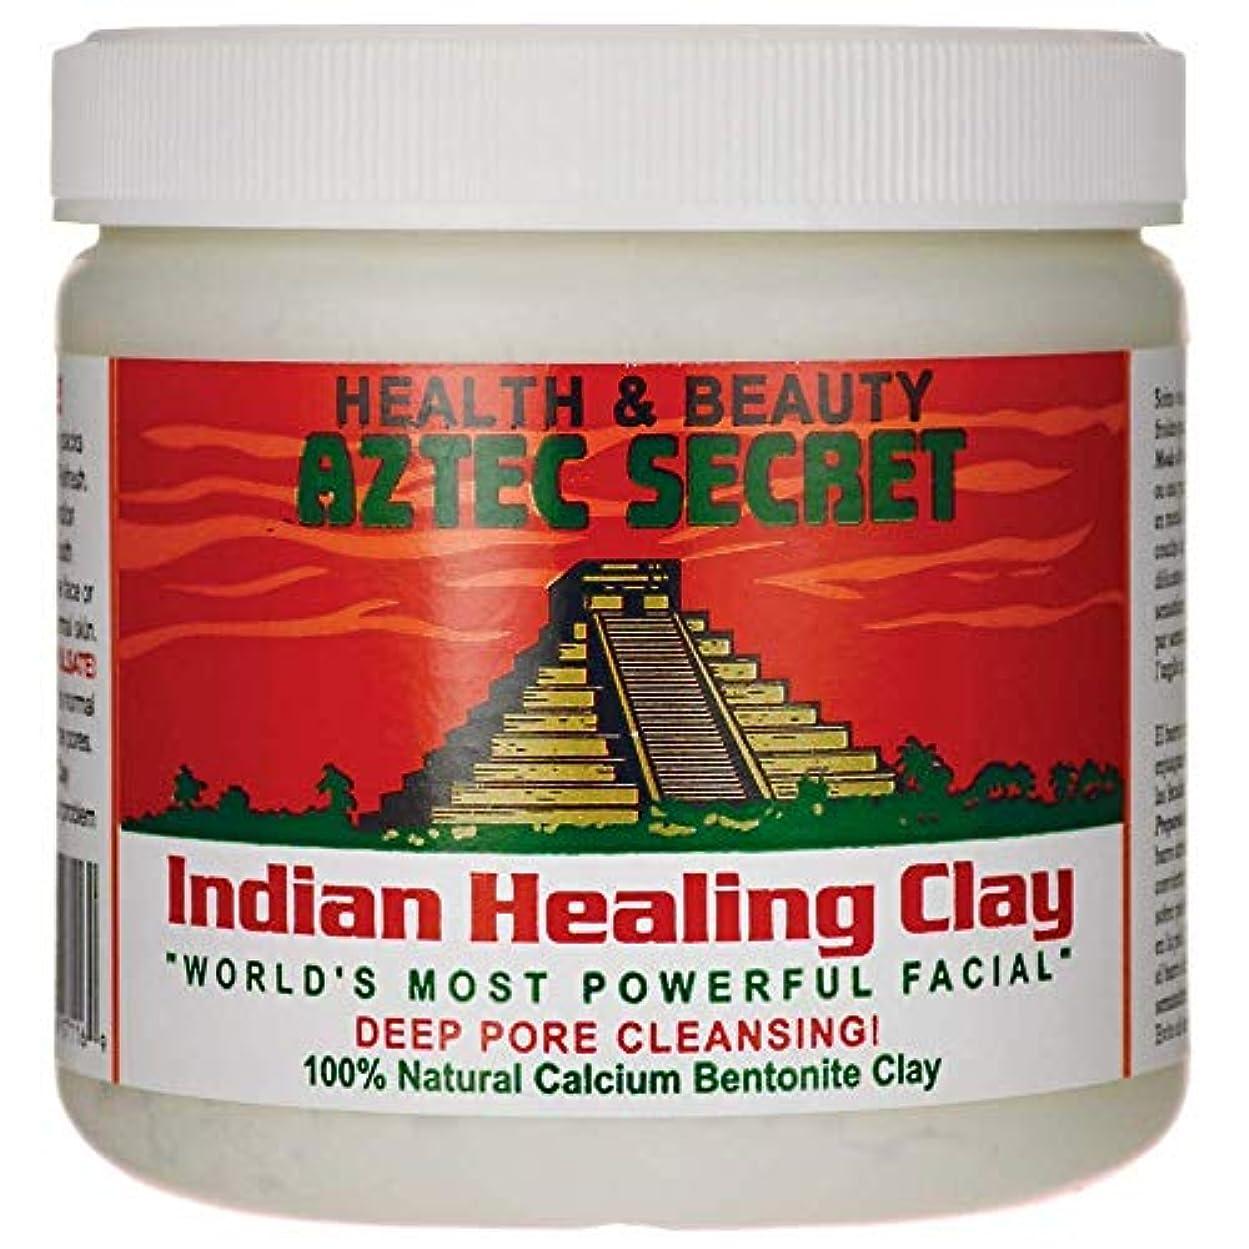 スピーカーレーザ実現可能Aztec Secret 1 Lbをオリジナルの100%天然カルシウムベントナイト粘土をマスクディープポアクレンジング?フェイシャル&ボディヒーリング 1ポンド